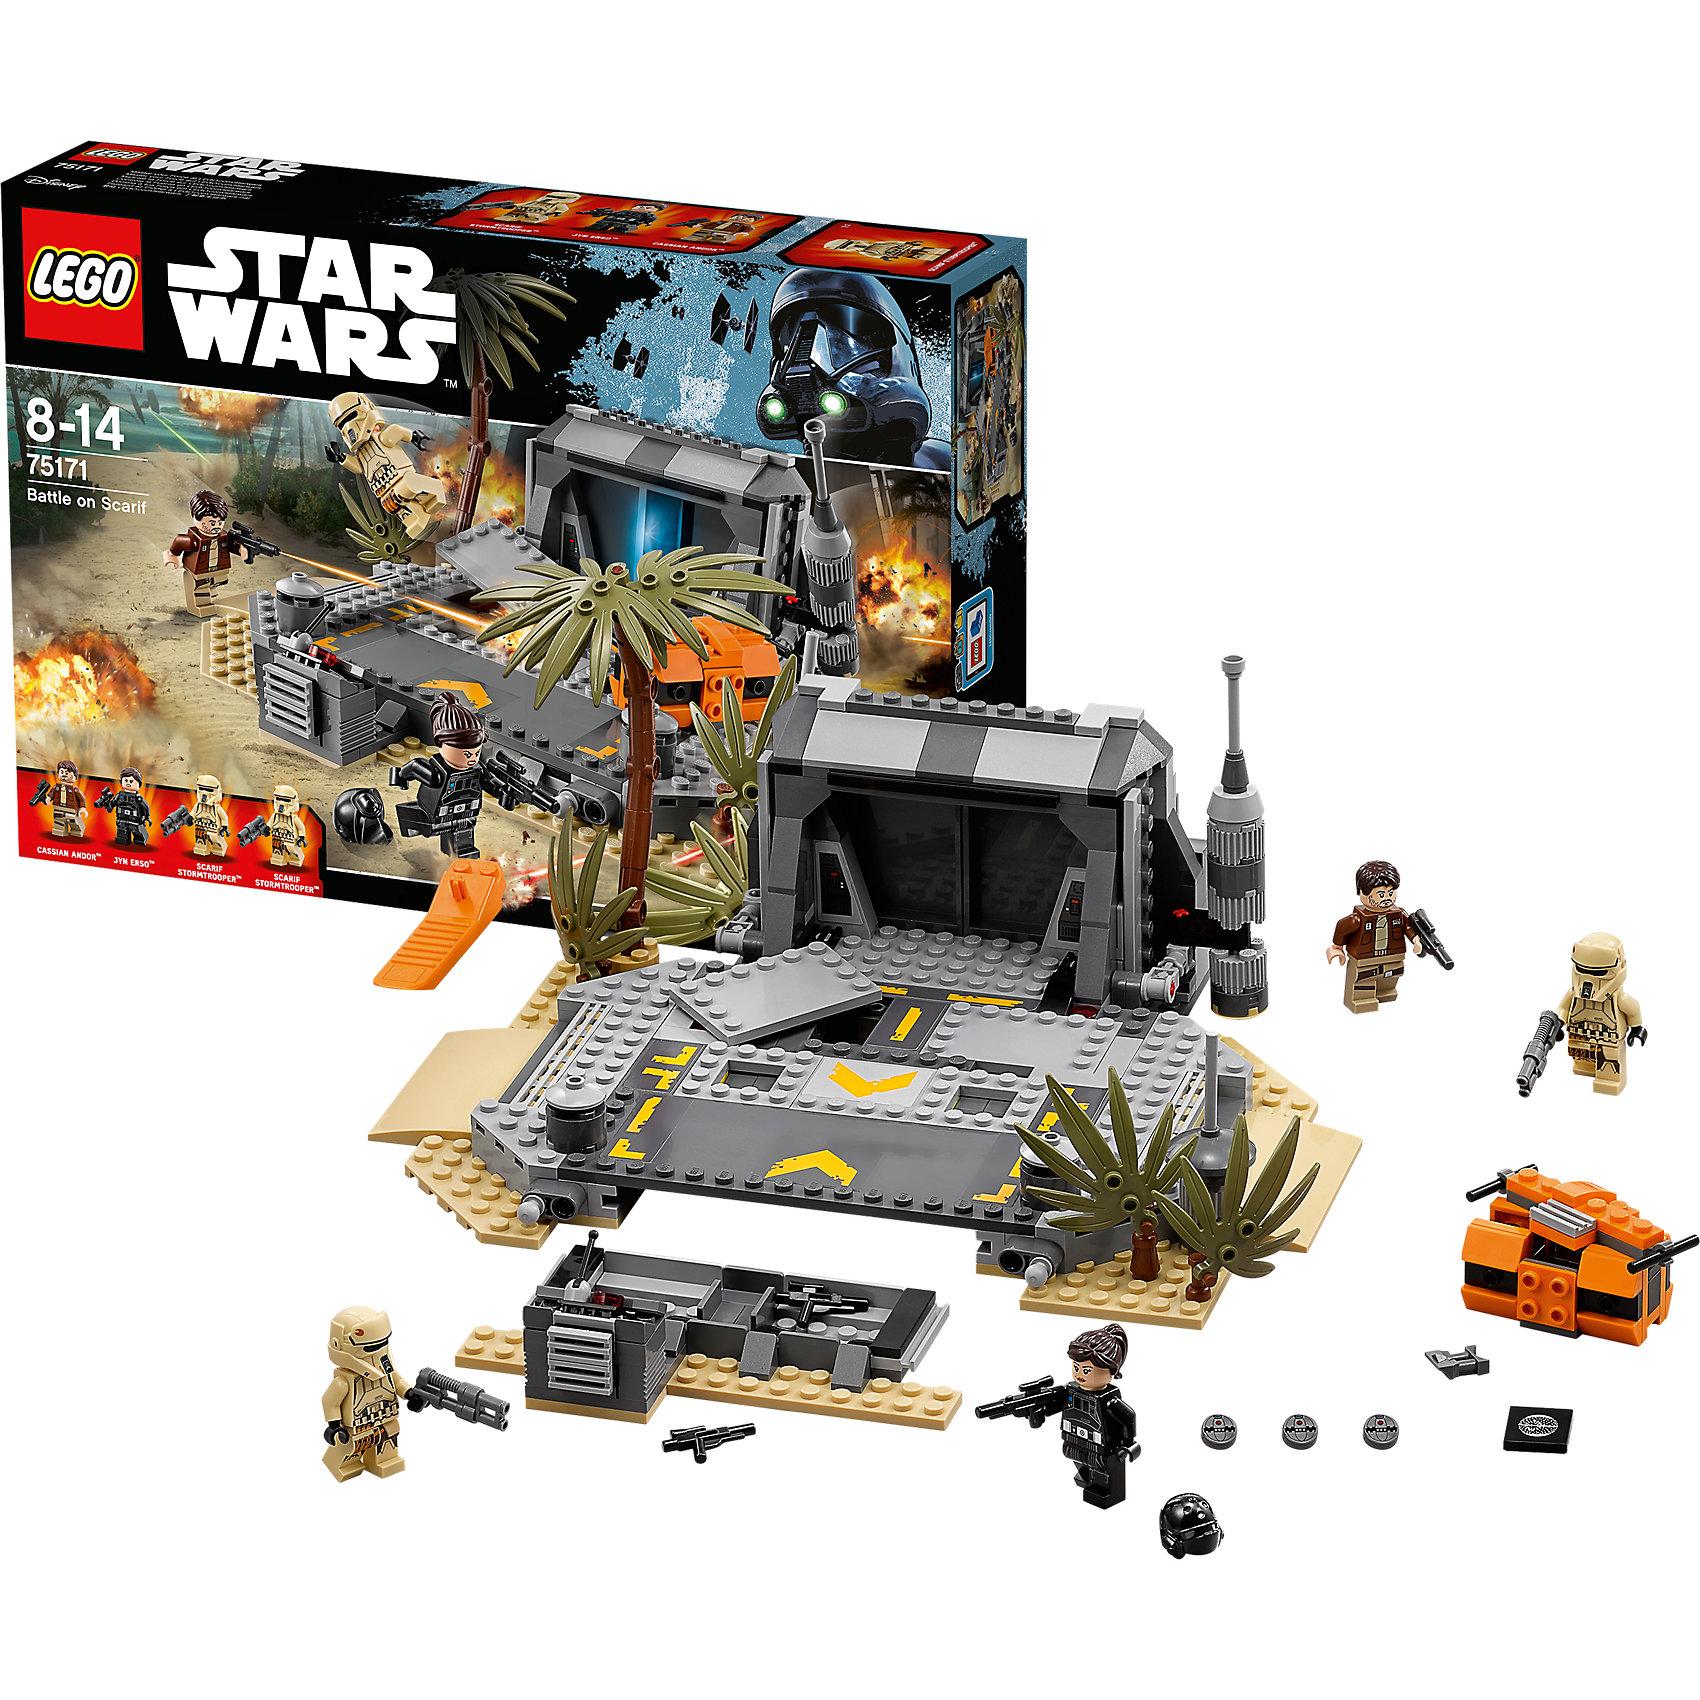 LEGO Star Wars 75171: Битва на СкарифеПластмассовые конструкторы<br>LEGO Star Wars 75171: Битва на Скарифе<br><br>Характеристики:<br><br>- в набор входит: детали военной базы, 4 фигурки, аксессуары, инструкция<br>- состав: пластик<br>- количество деталей: 419<br>- размер военной базы: 25 * 10 * 22 см.<br>- для детей в возрасте: от 8 до 14 лет<br>- Страна производитель: Дания/Китай/Чехия/<br><br>Легендарный конструктор LEGO (ЛЕГО) представляет серию «Звездные Войны» с героями одноименных фильмов. На отдаленной планете внешнего кольца под названием Скариф находится архив, где хранятся чертежи Звезды Смерти. Планета тропического типа имеет хорошо защищенную базу, охраняемую Галактической Империей. Отважные повстанцы Джин Эрсо и Кассиан Андо направились прямо в сердце врага чтобы получить чертежи и возможность разрушить губительное оружие. Противостоят героям имперские штурмовики (две фигурки в комплекте). Минифигурки выполнены с отличной проработкой деталей и имеют по два выражения лица. Два специальных бластера для героев уже в комплекте, а также 4 обыкновенных, в дополнение входит три детонатора и оптический бинокль, операция просто обречена на успех! Захвати чертежи и уходи через открывающиеся двери бункера, опасайтесь взрывающихся панелей пола базы. Дополнительное оружие ты сможешь найти спрятанным в специальном отсеке. Присоединись к команде повстанцев и совершенствуй свою силу.<br><br>Конструктор LEGO Star Wars 75171: Битва на Скарифе можно купить в нашем интернет-магазине.<br><br>Ширина мм: 382<br>Глубина мм: 266<br>Высота мм: 76<br>Вес г: 756<br>Возраст от месяцев: 96<br>Возраст до месяцев: 168<br>Пол: Мужской<br>Возраст: Детский<br>SKU: 5002392